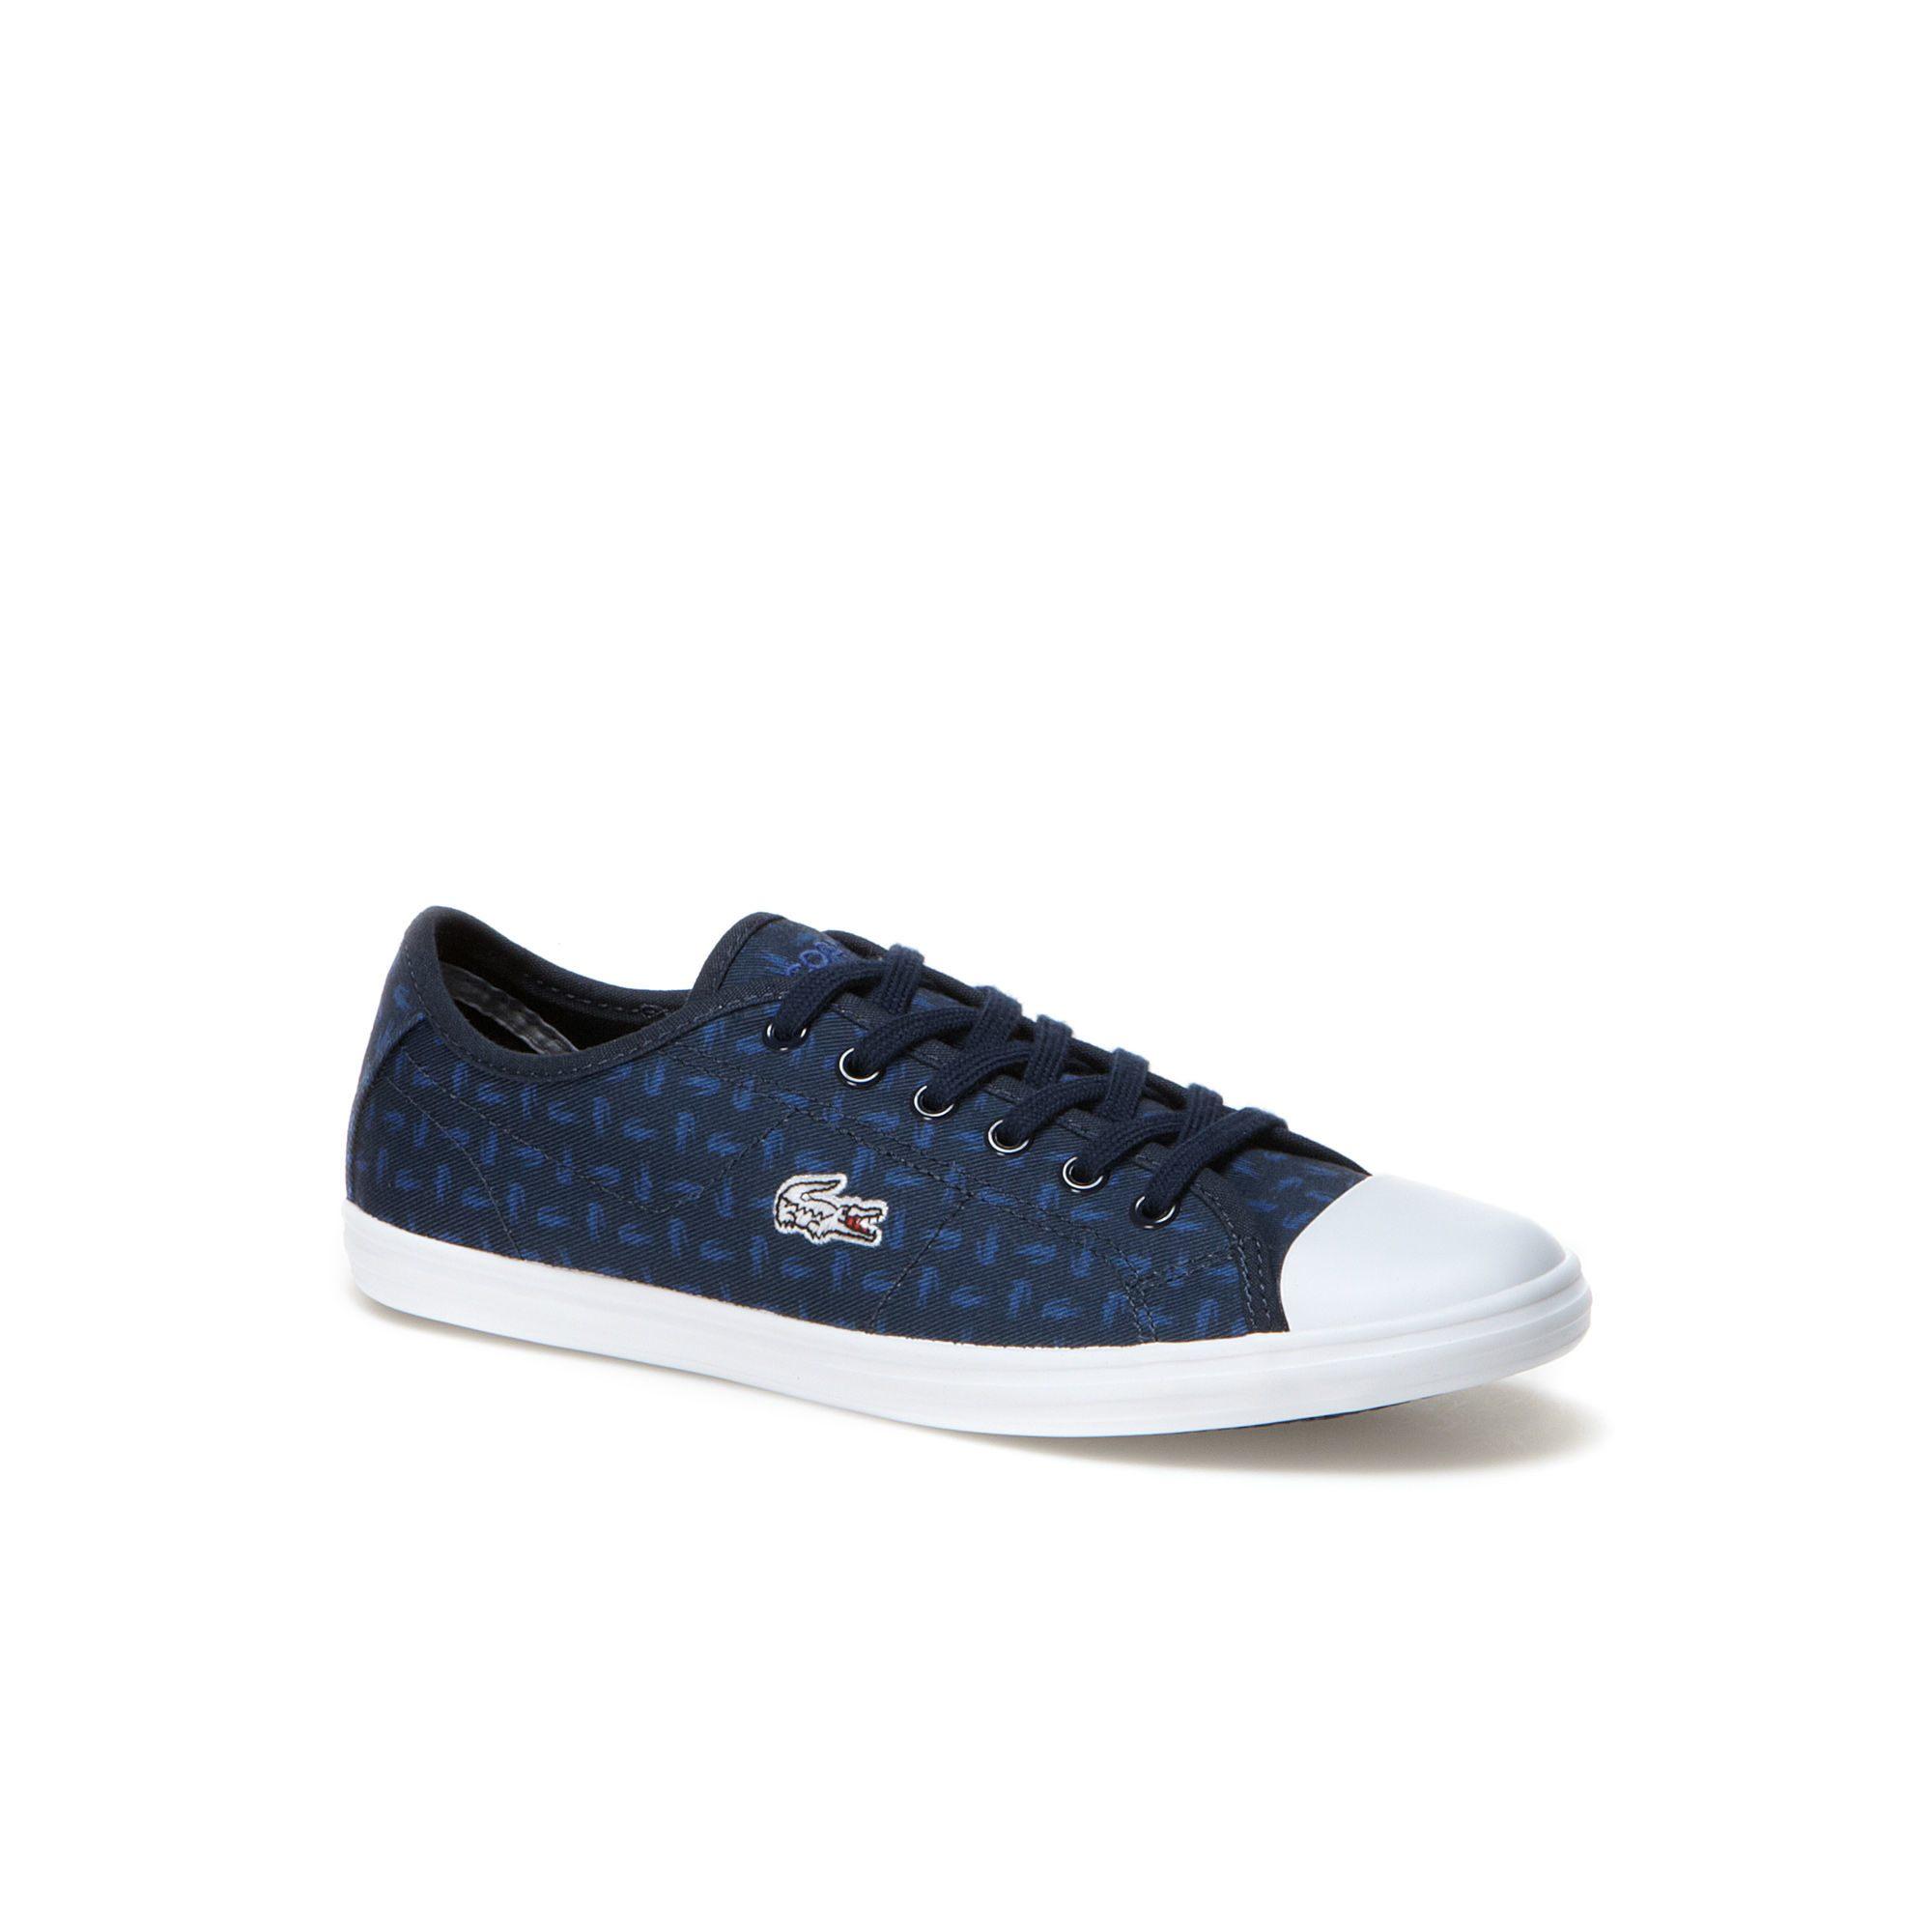 Ziane Sneaker 116 2 Lacoste